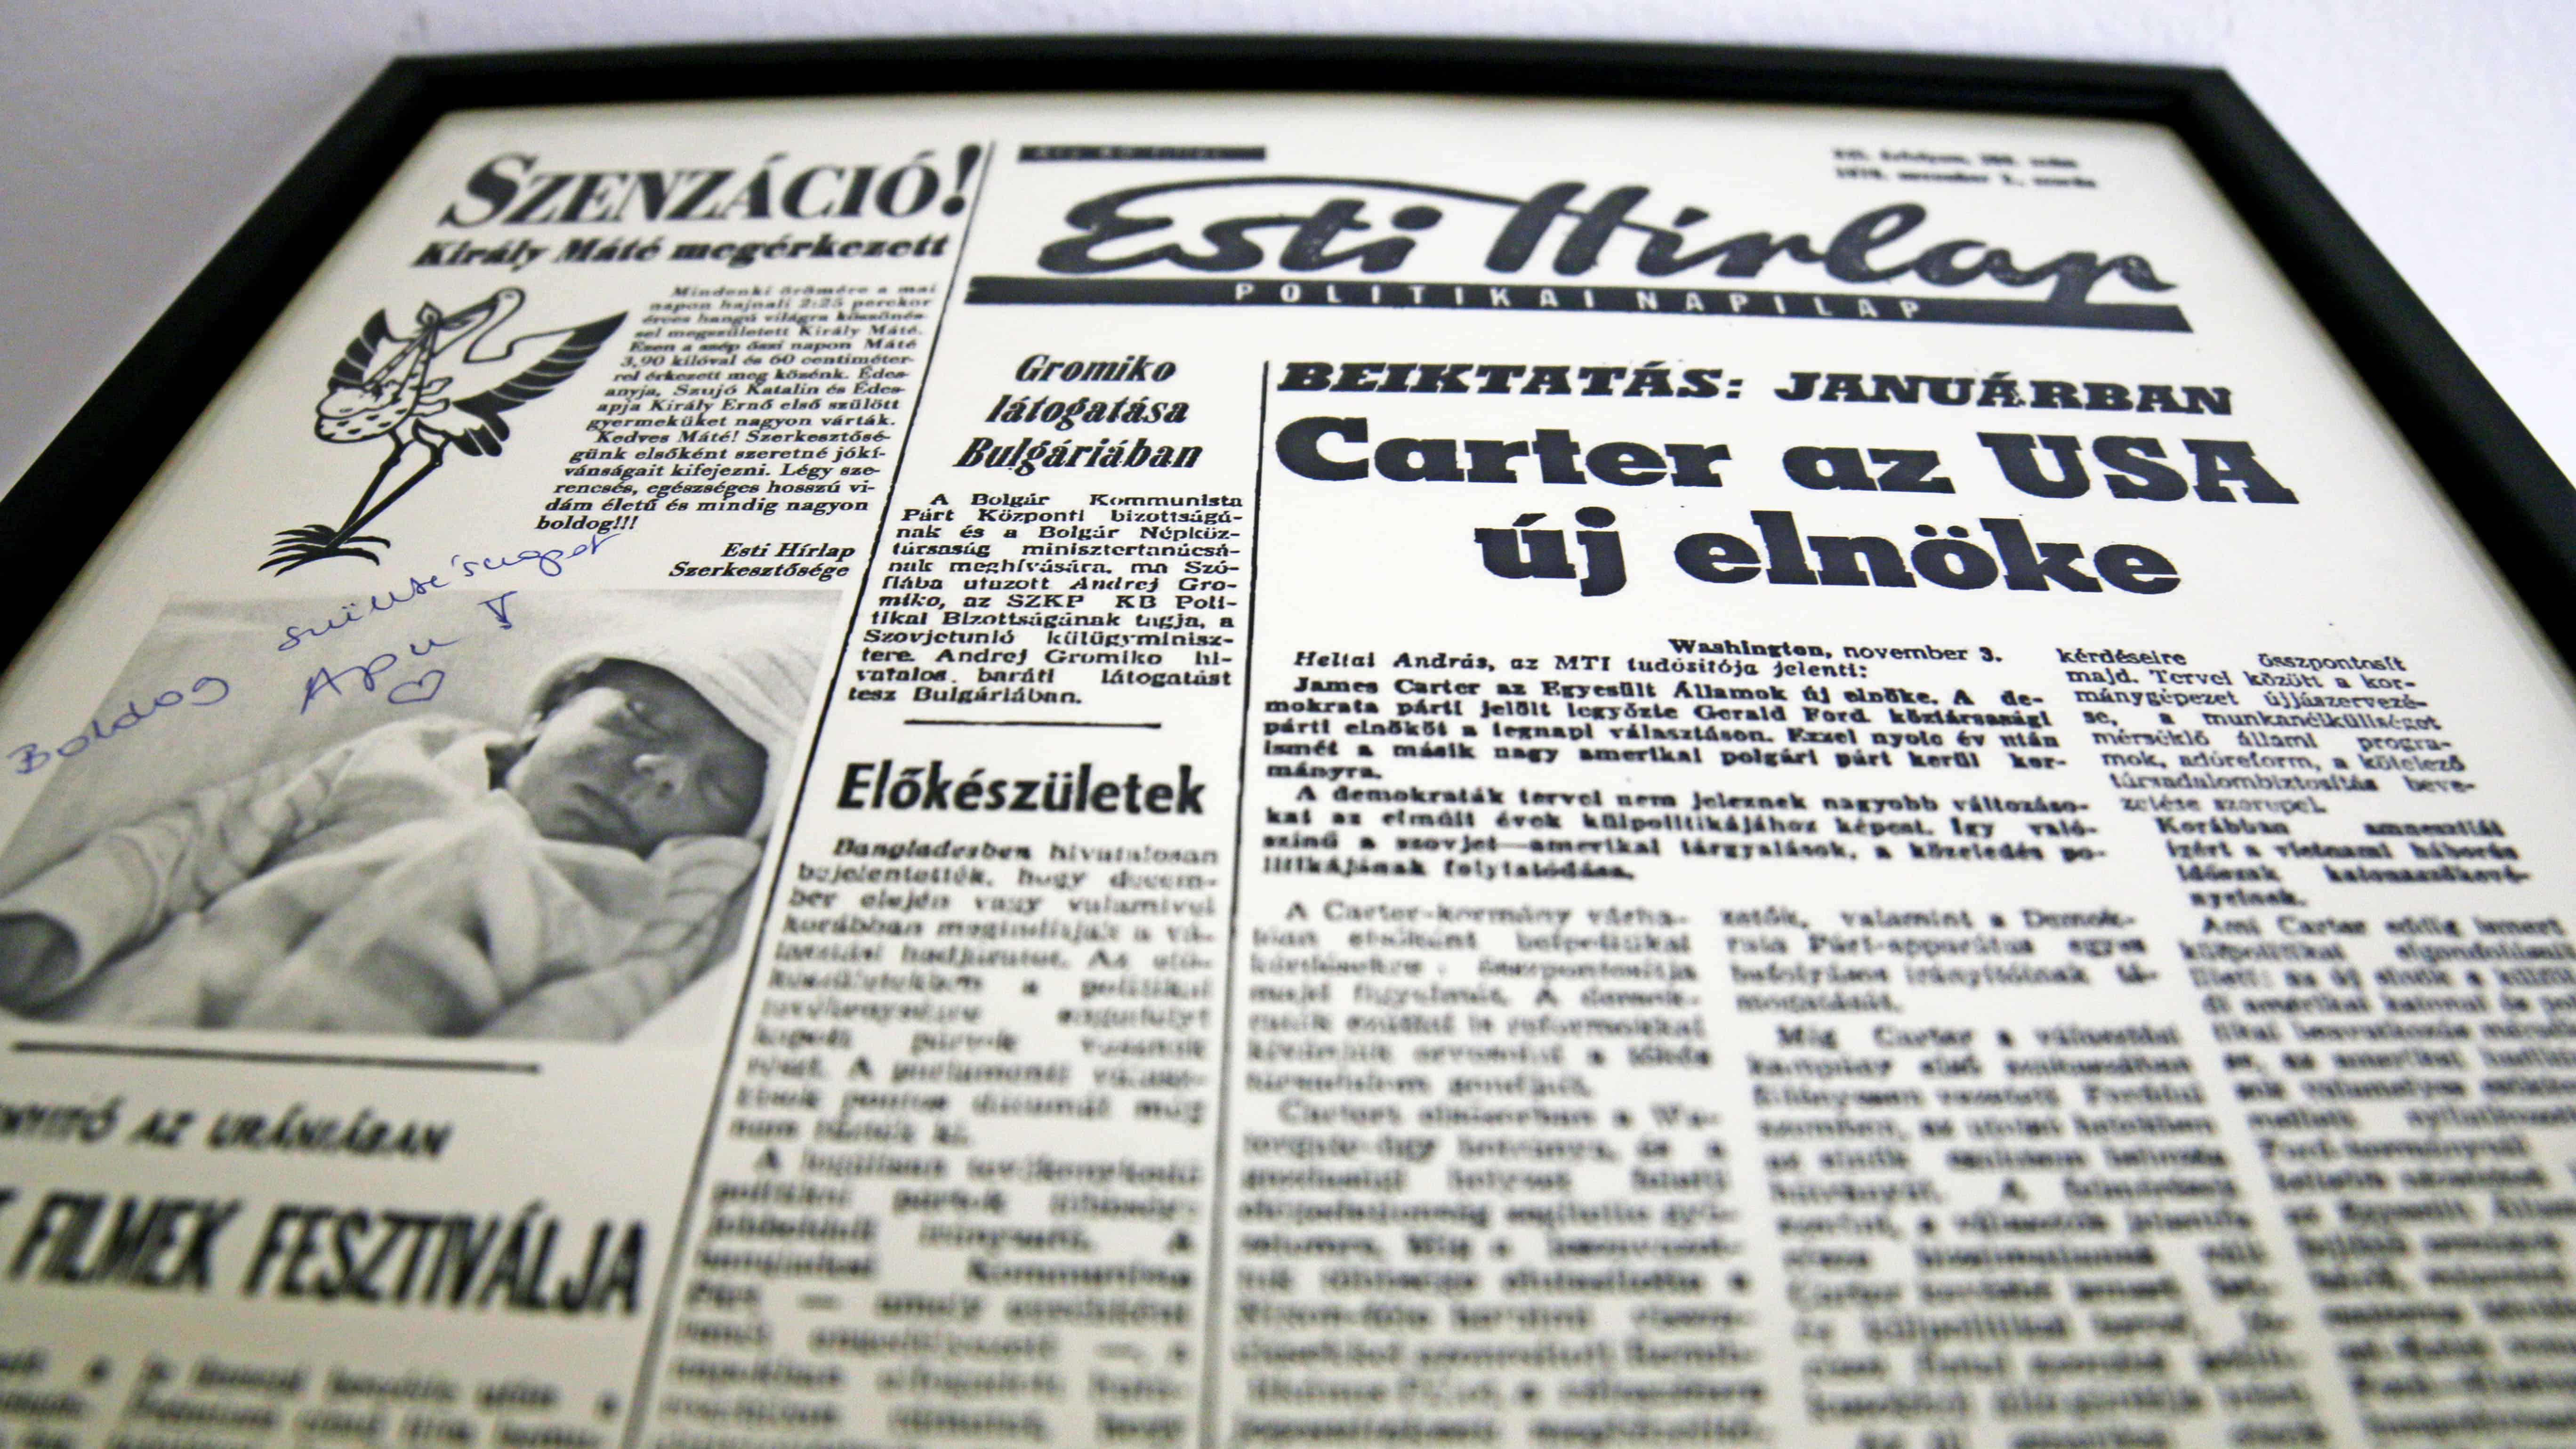 Születésnapi címlap keretben egy cikkel az ünnepeltről